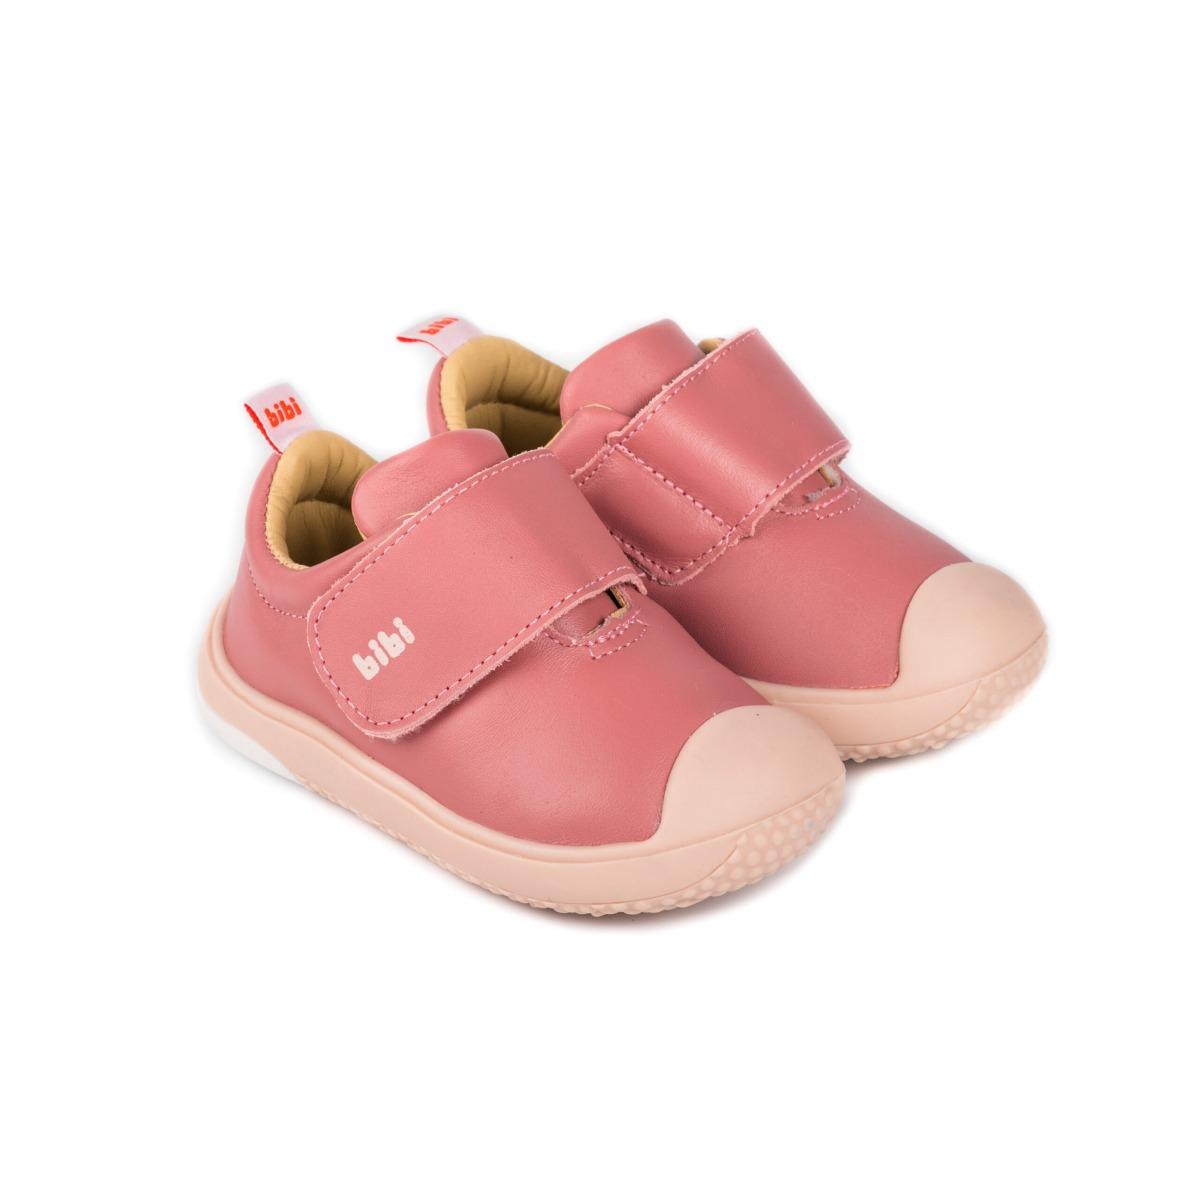 Pantofi sport Bibi Shoes Prewalker, Roz